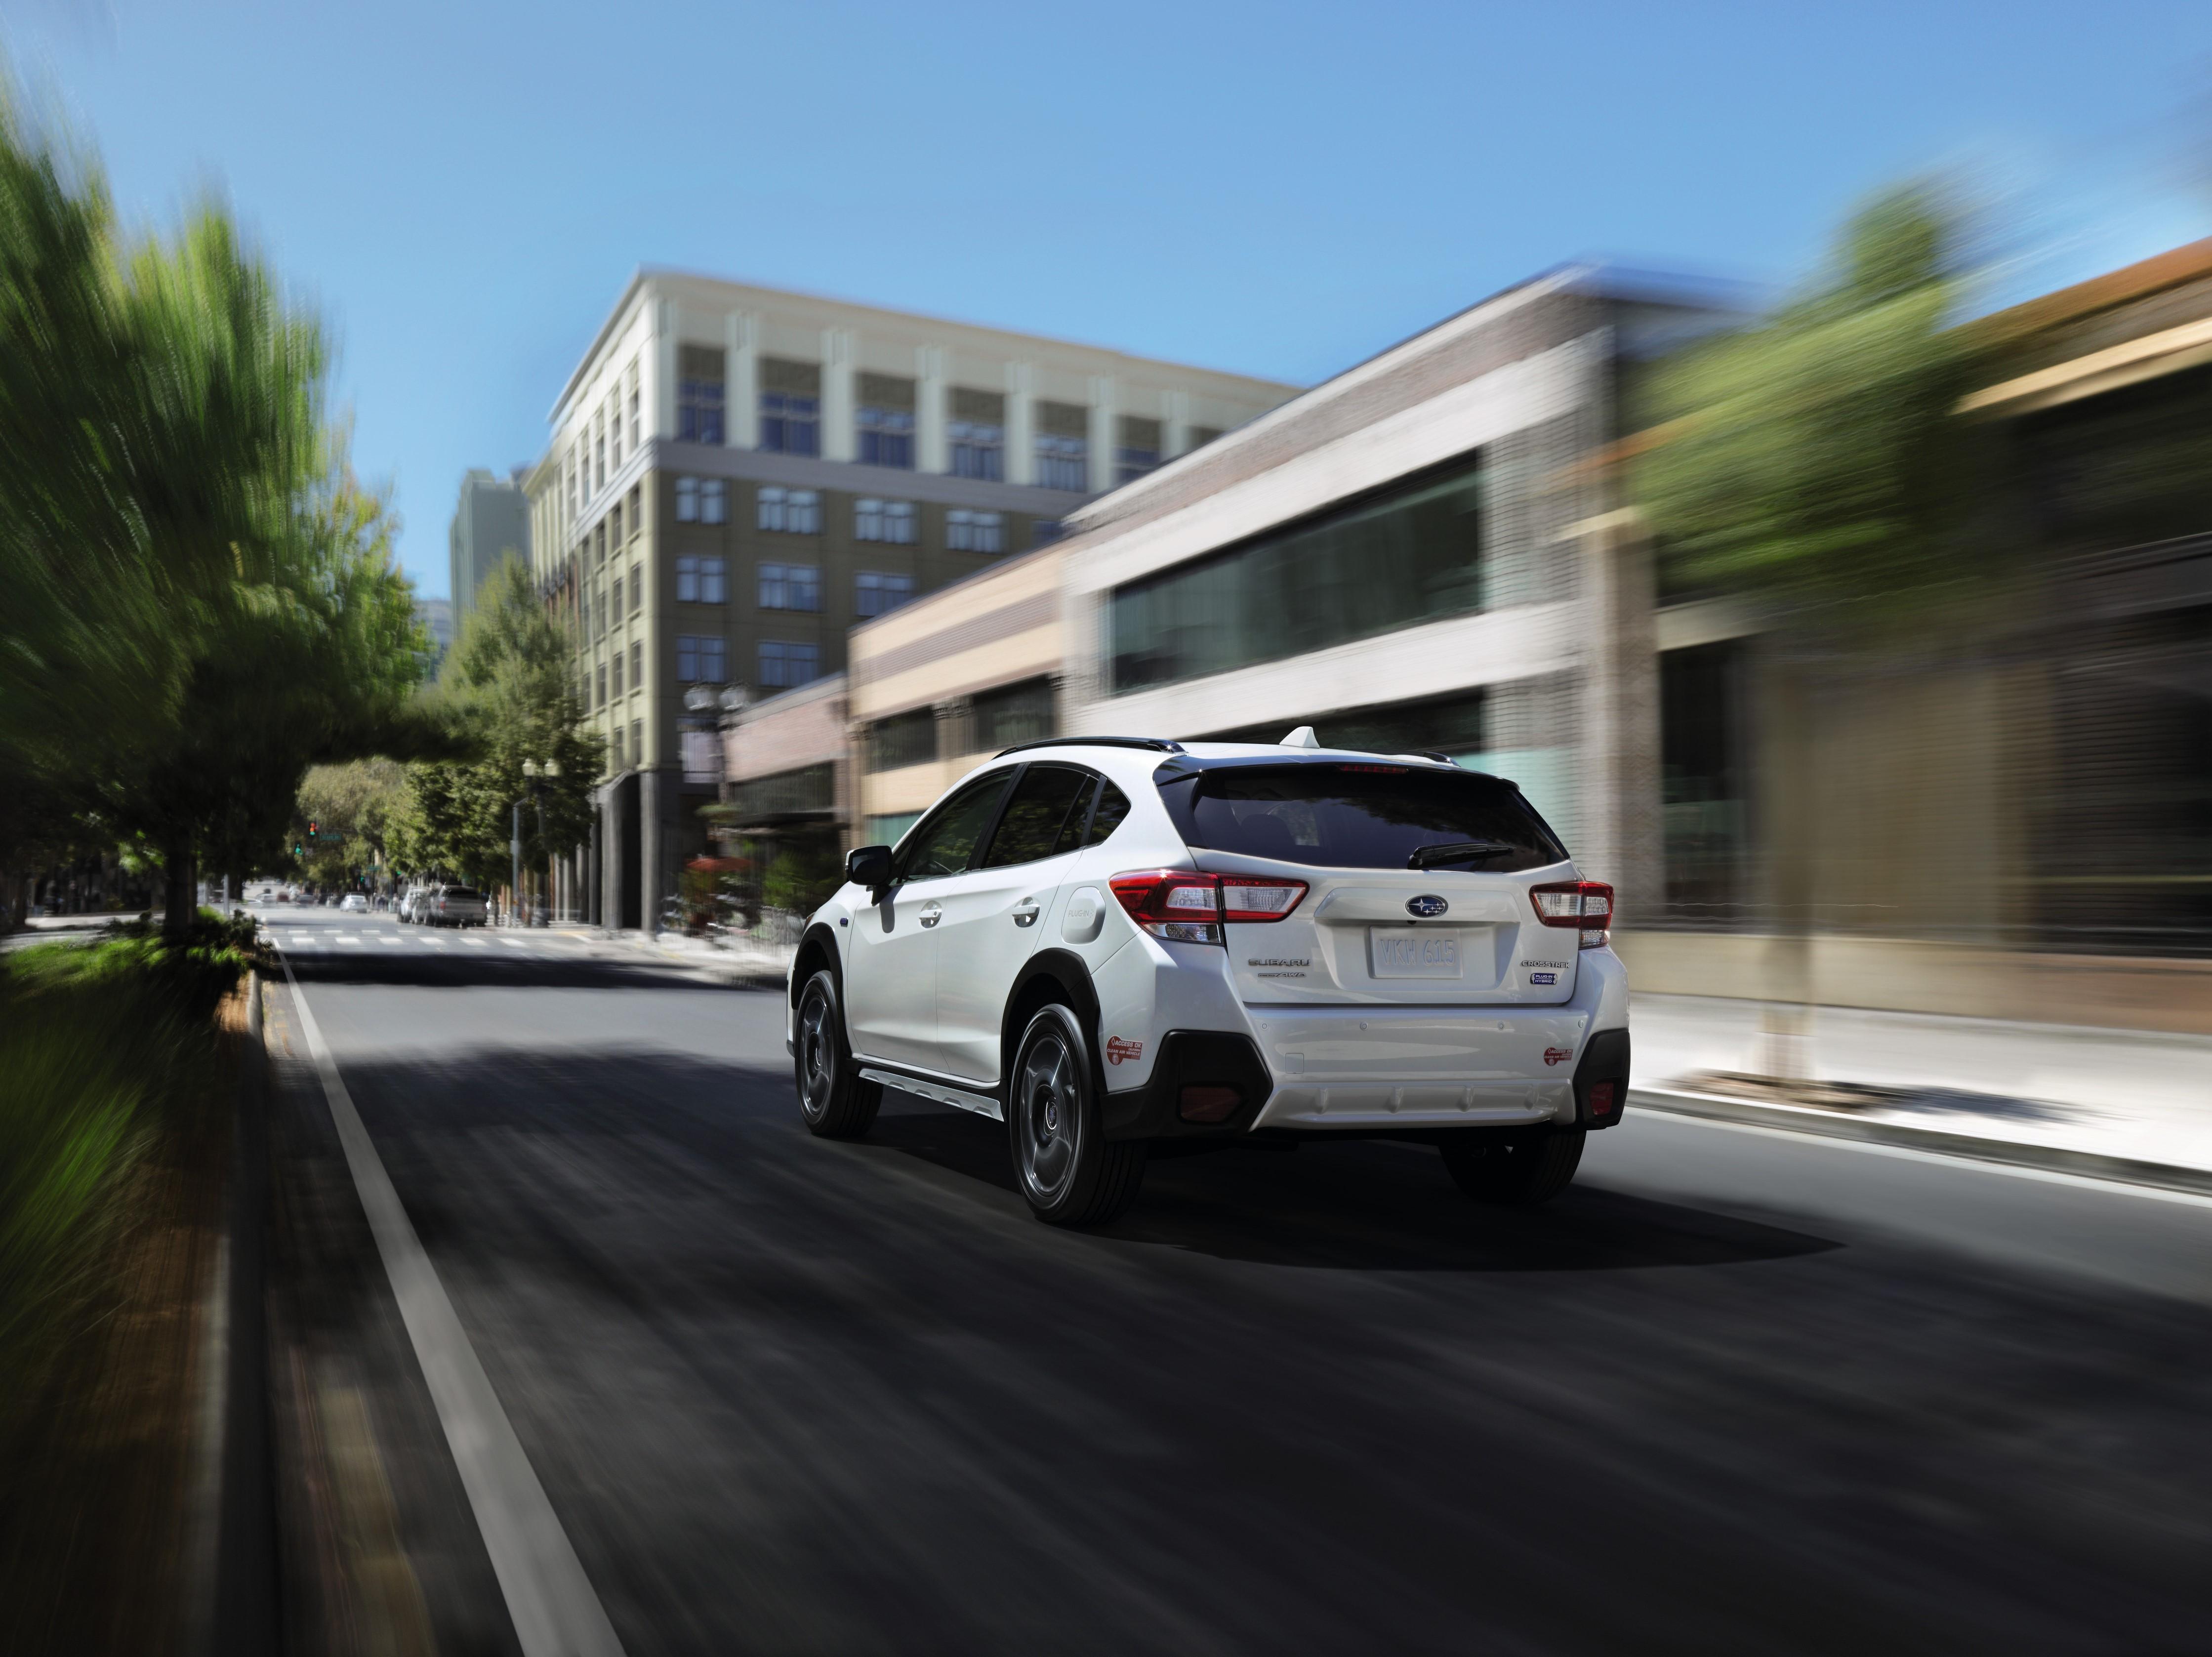 2019 Subaru Crosstrek Hybrid Can Travel 17 Miles In EV ...